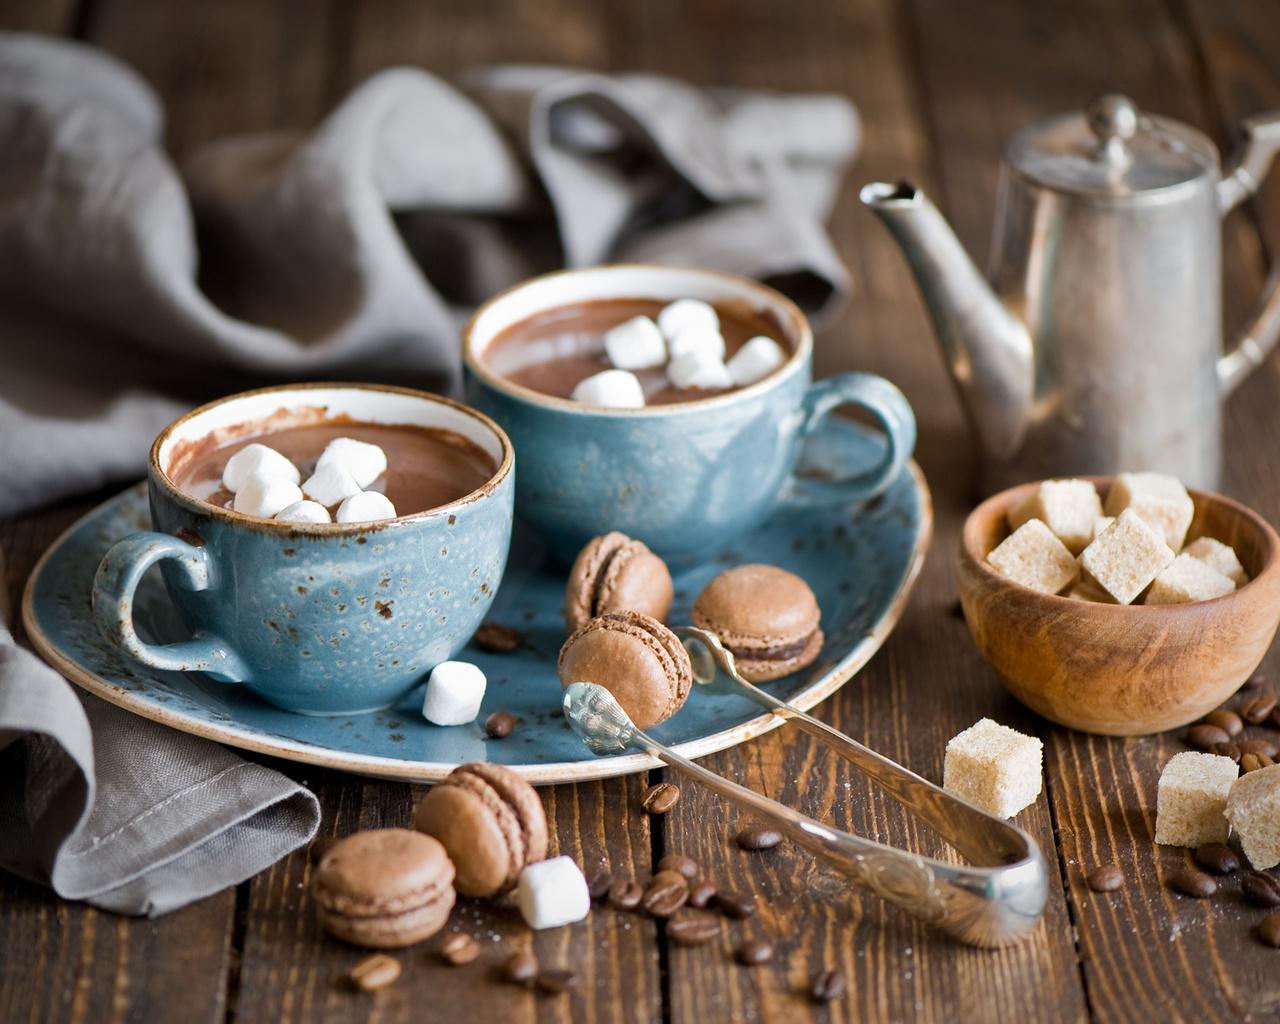 На фото: Не пейте кофе кружками (фельетон), автор: Poletaeva